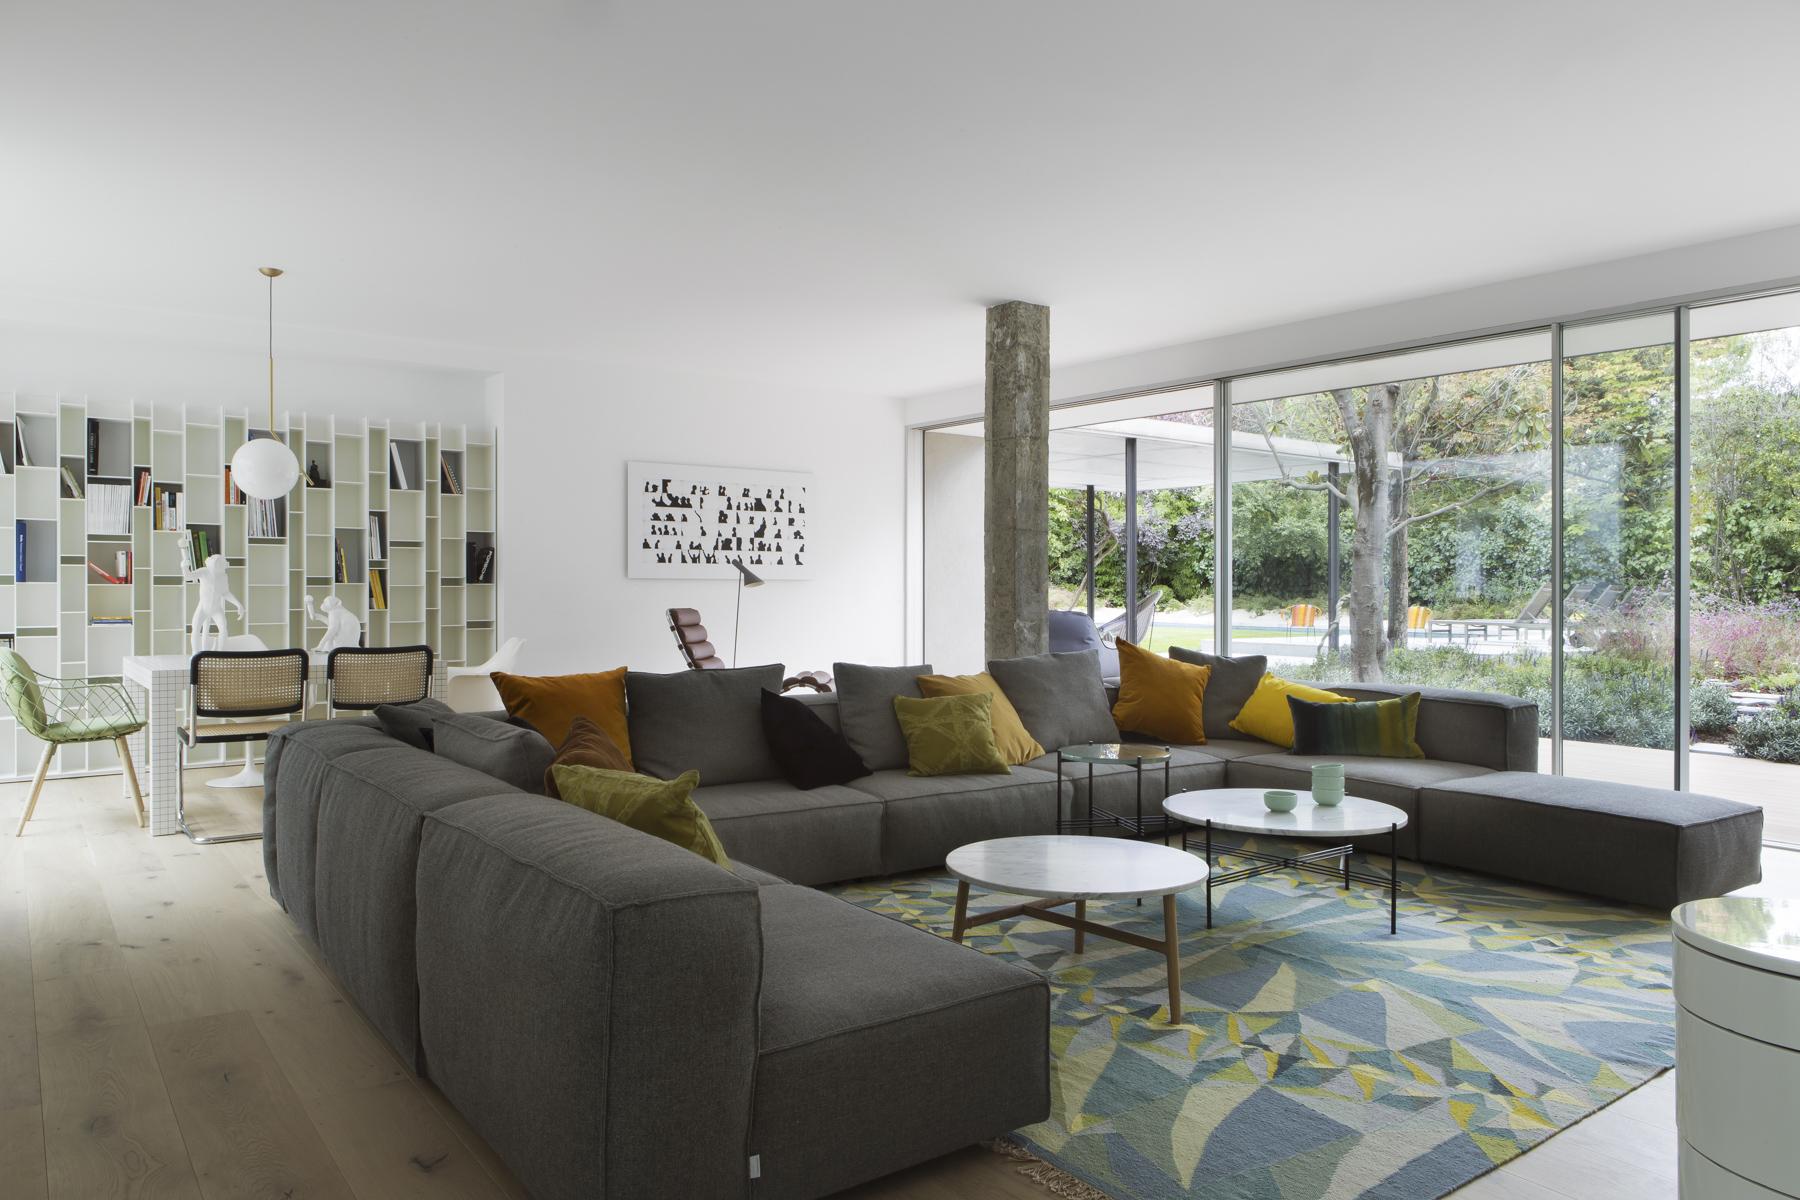 Proyecto de reforma estudio ÁBATON arquitectura. Casa L Salon